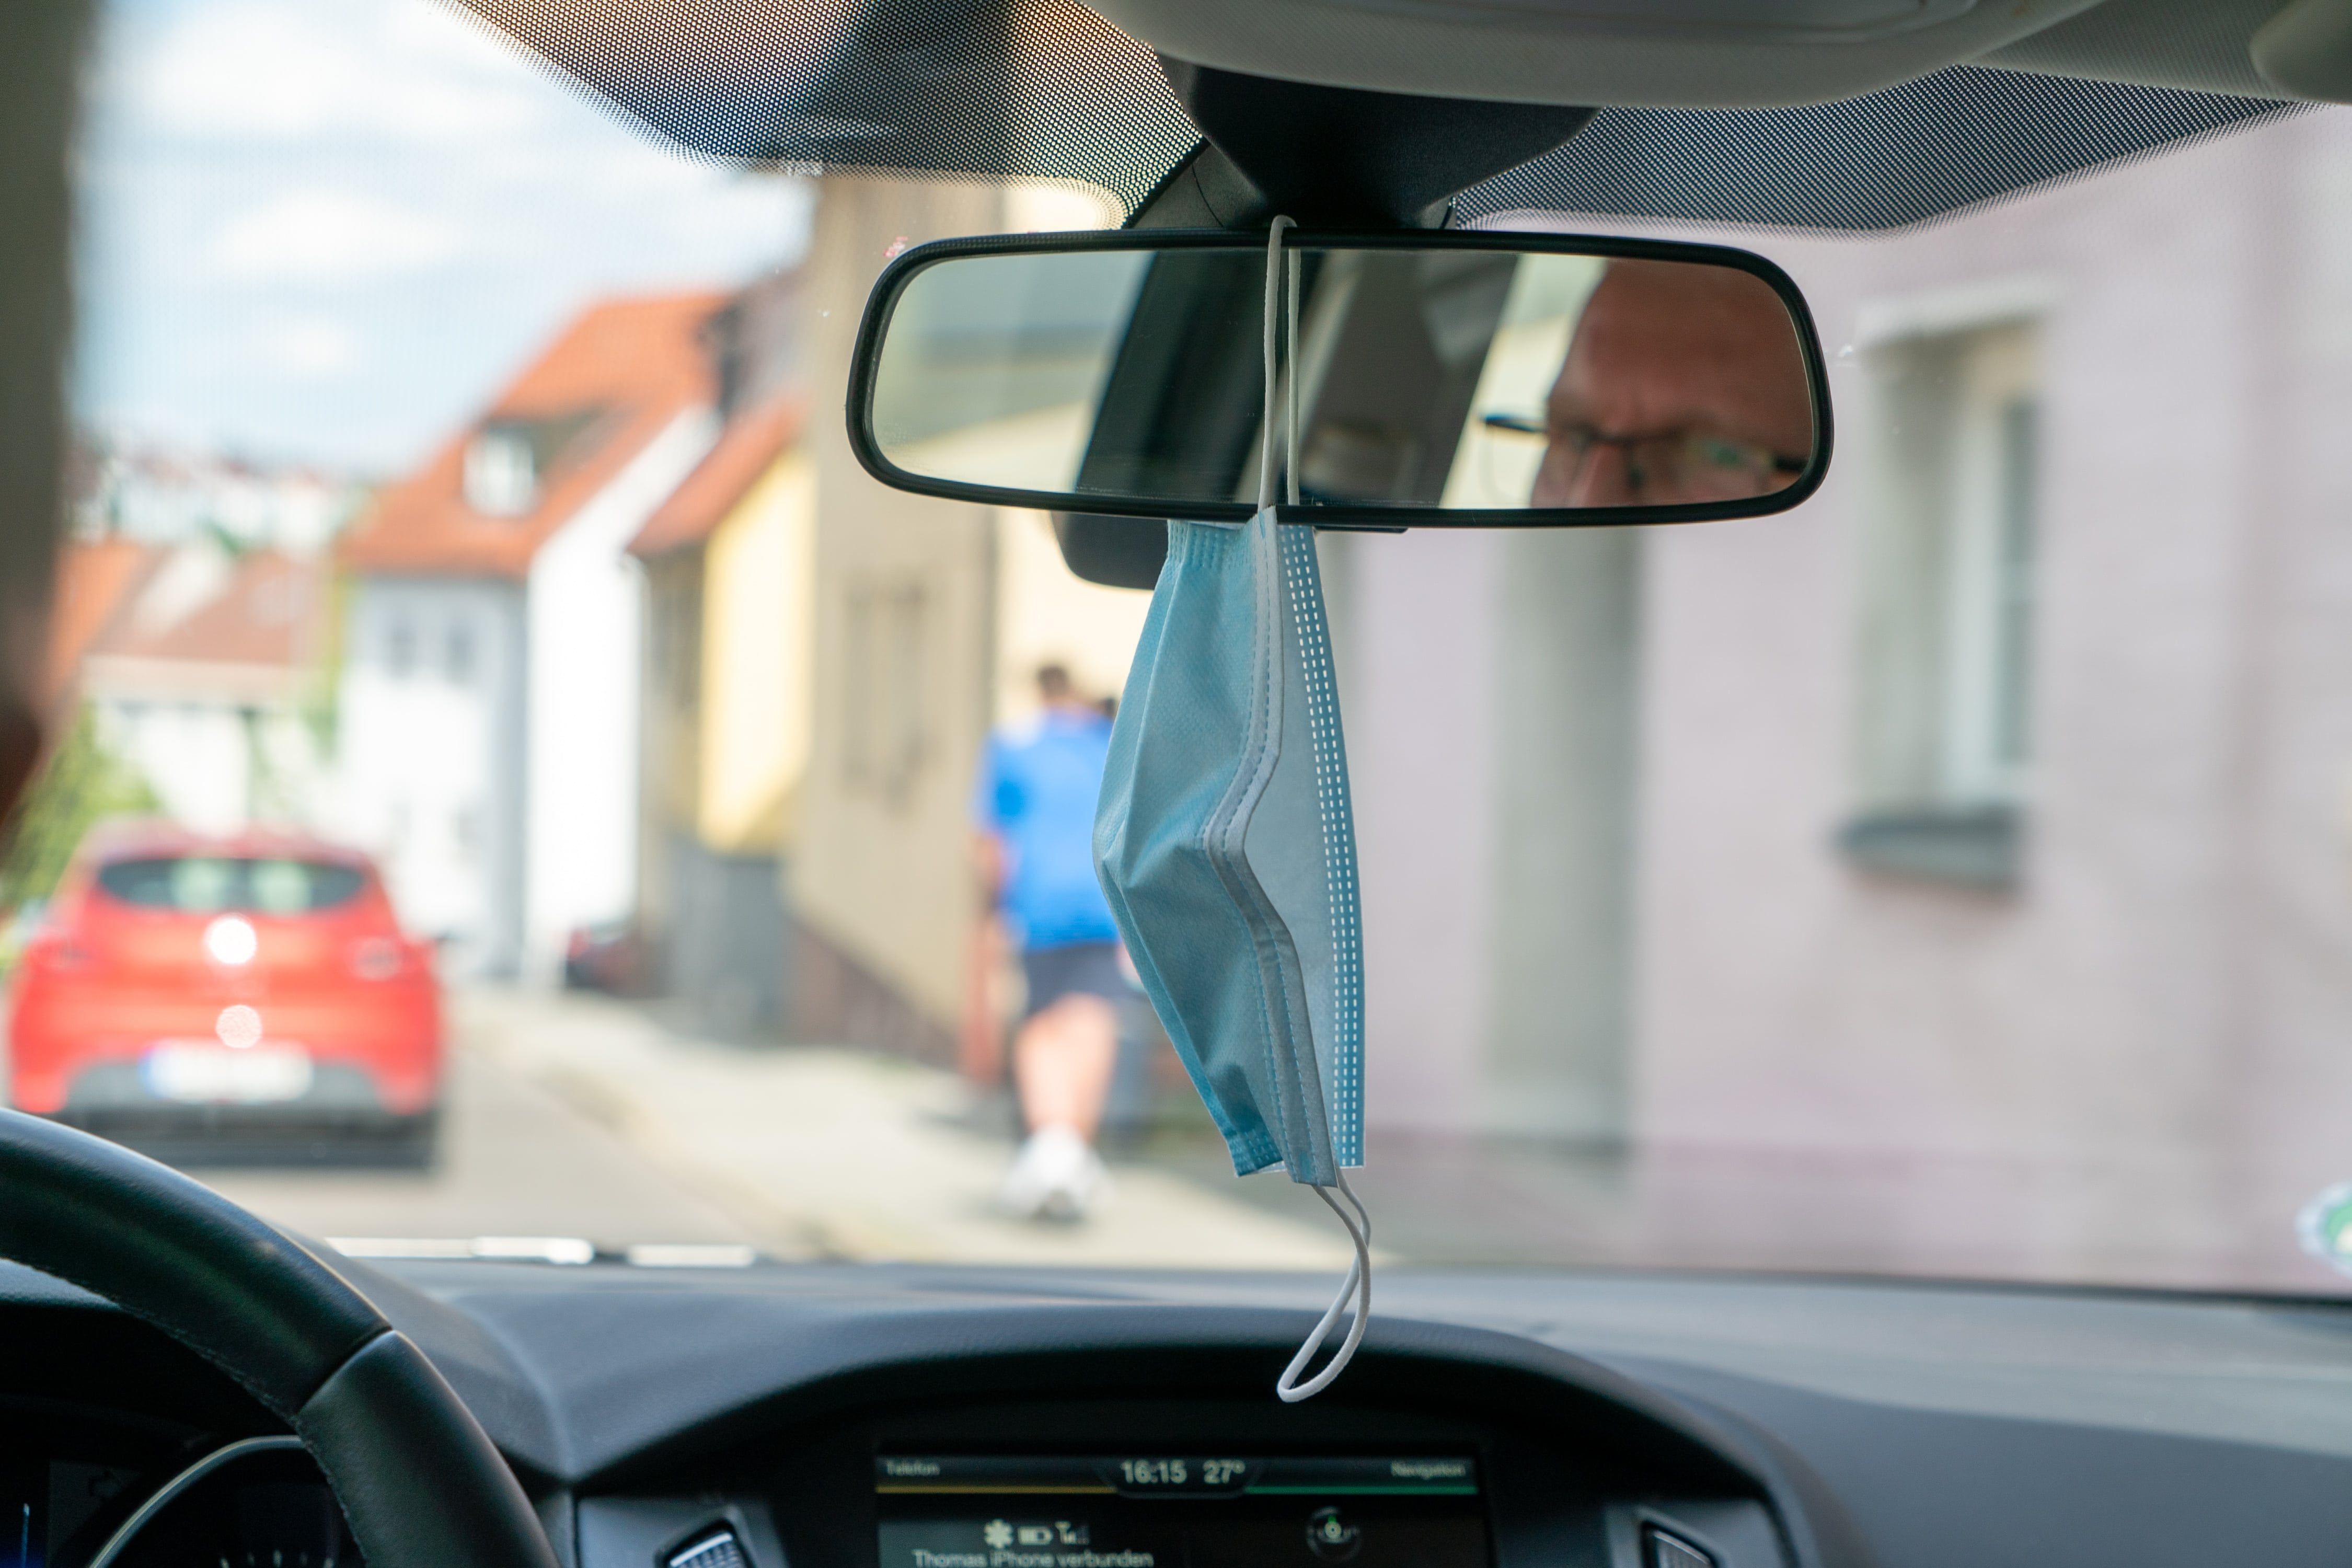 El espejo retrovisor no es una percha para colgar ropa,